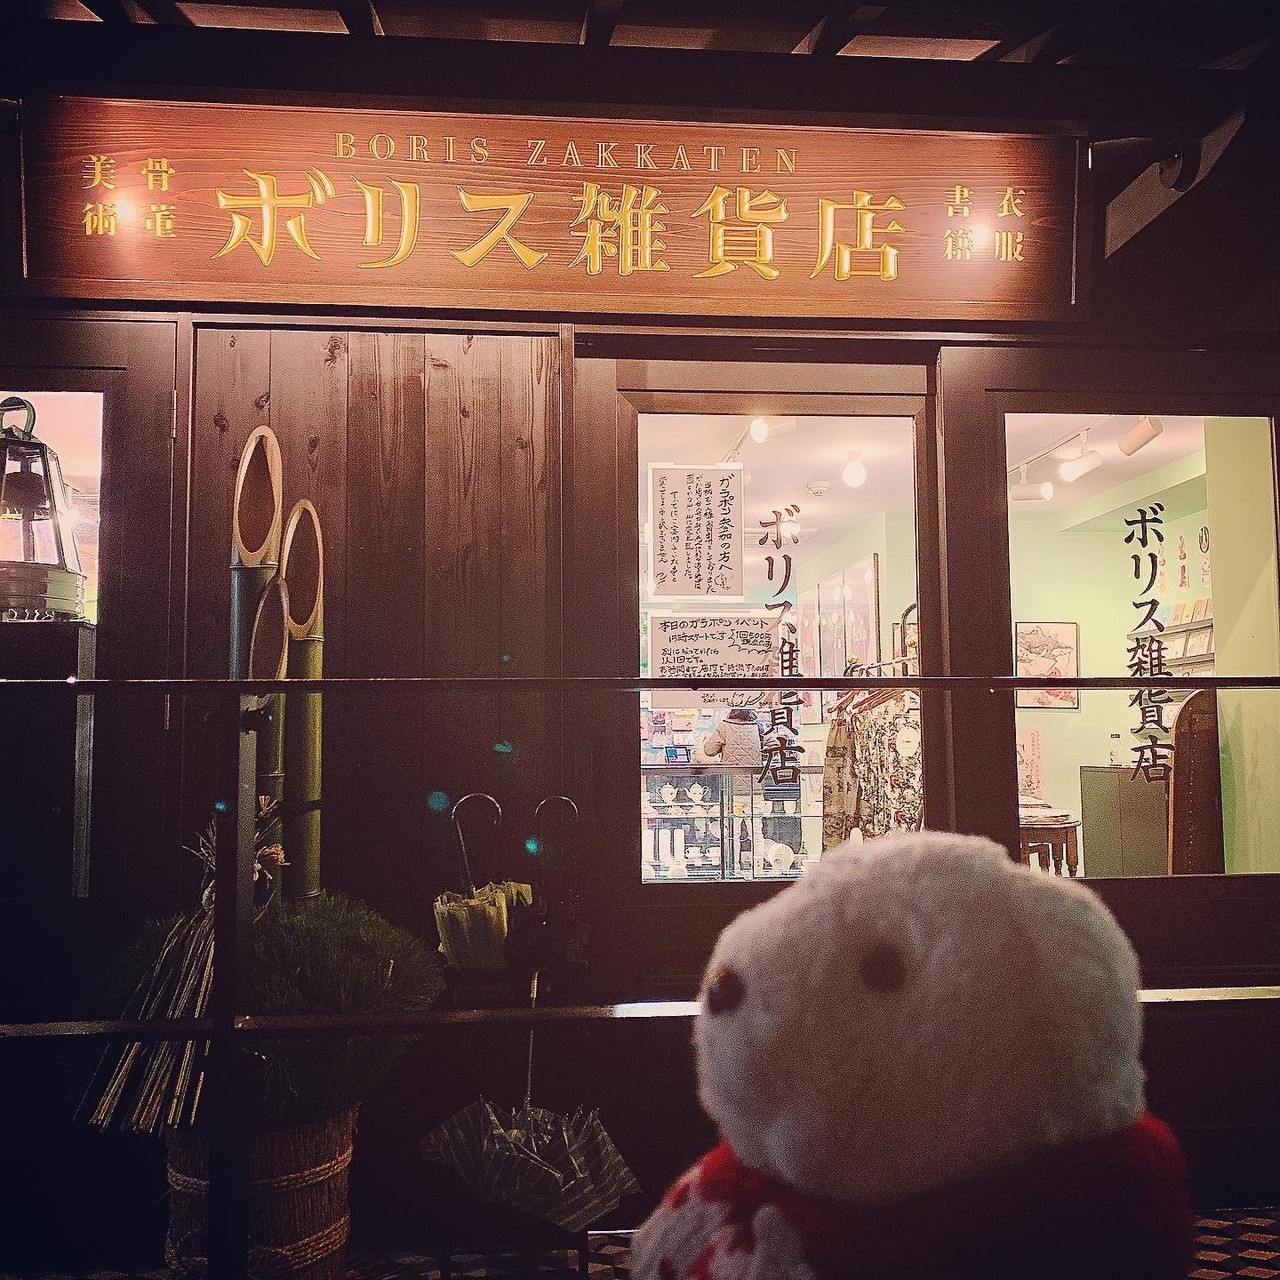 ボリス 雑貨 店 ヒグチユウコ